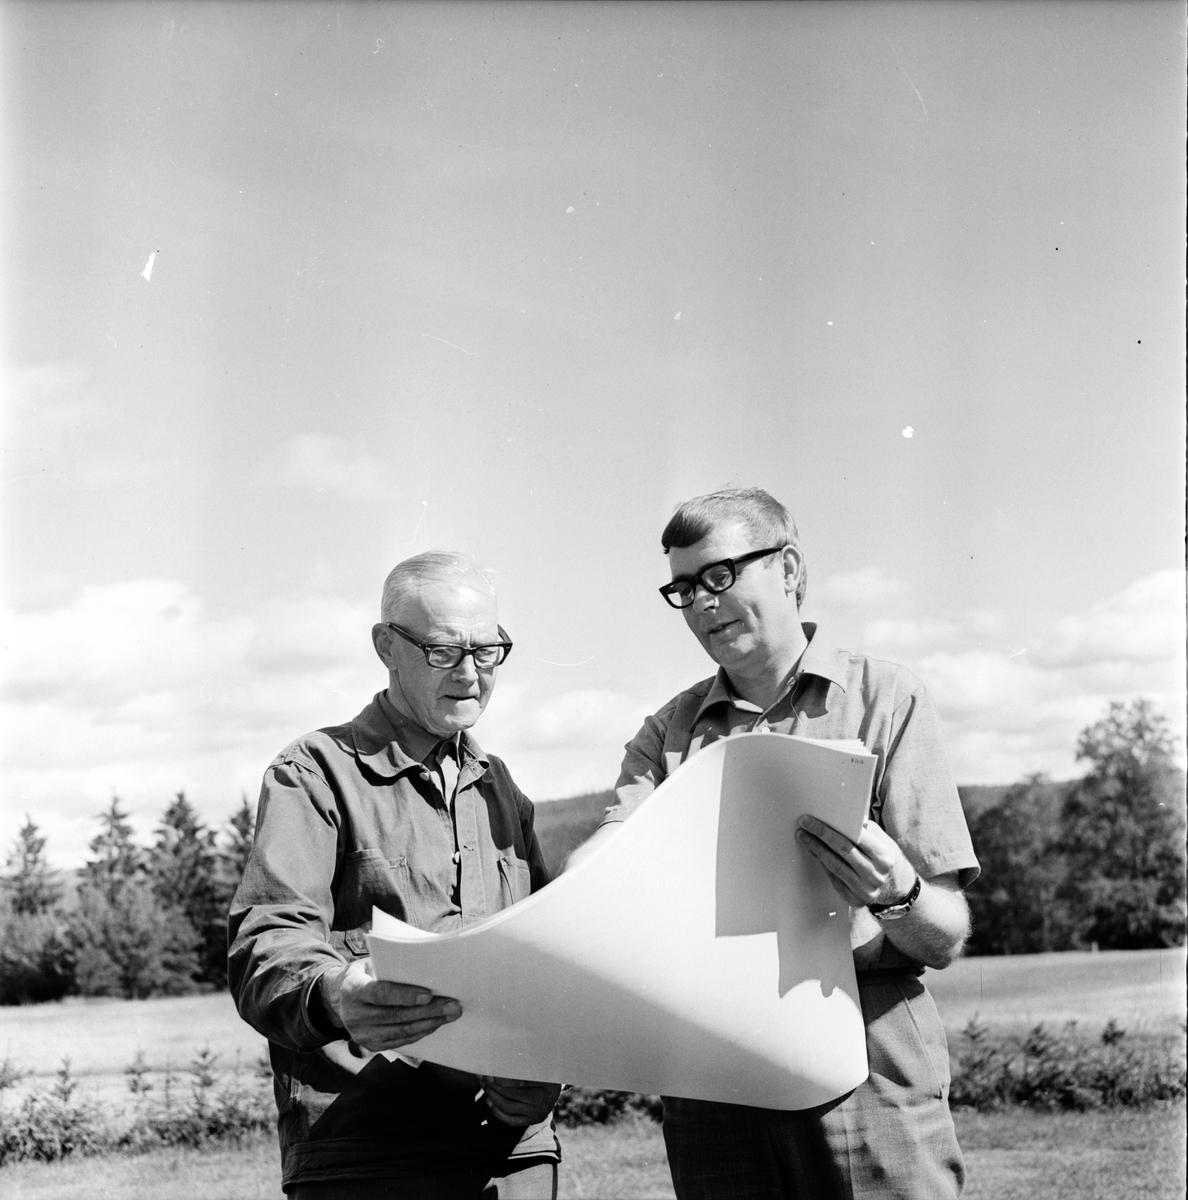 Undersvik, Folkmål & Sägner, Olof E Olsson, Augusti 1973